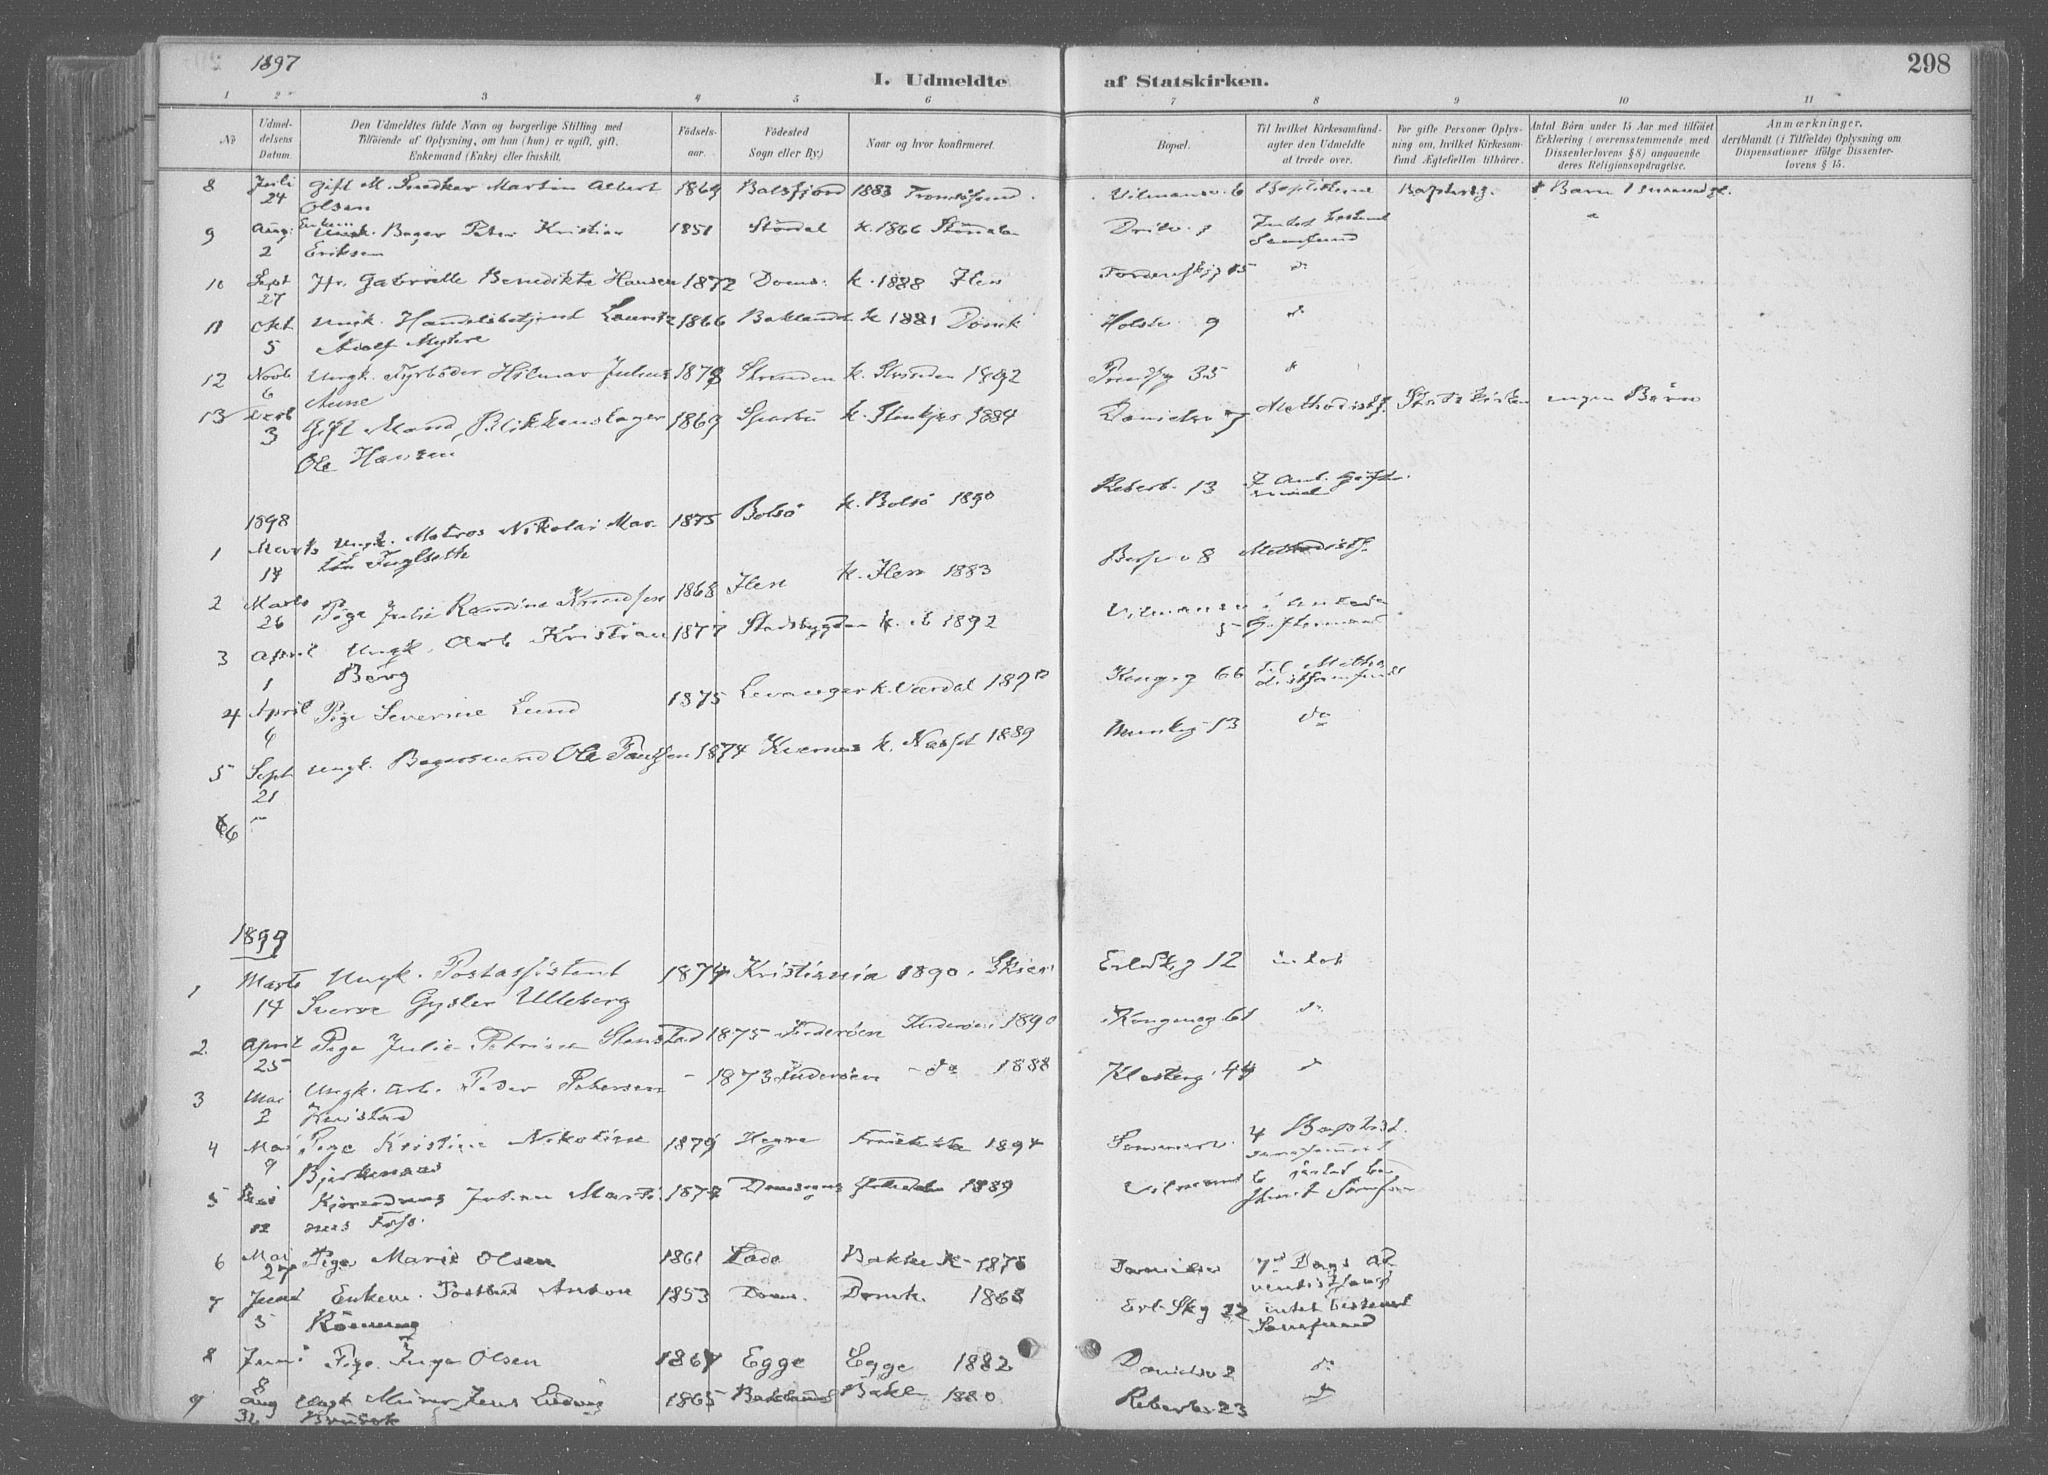 SAT, Ministerialprotokoller, klokkerbøker og fødselsregistre - Sør-Trøndelag, 601/L0064: Ministerialbok nr. 601A31, 1891-1911, s. 298